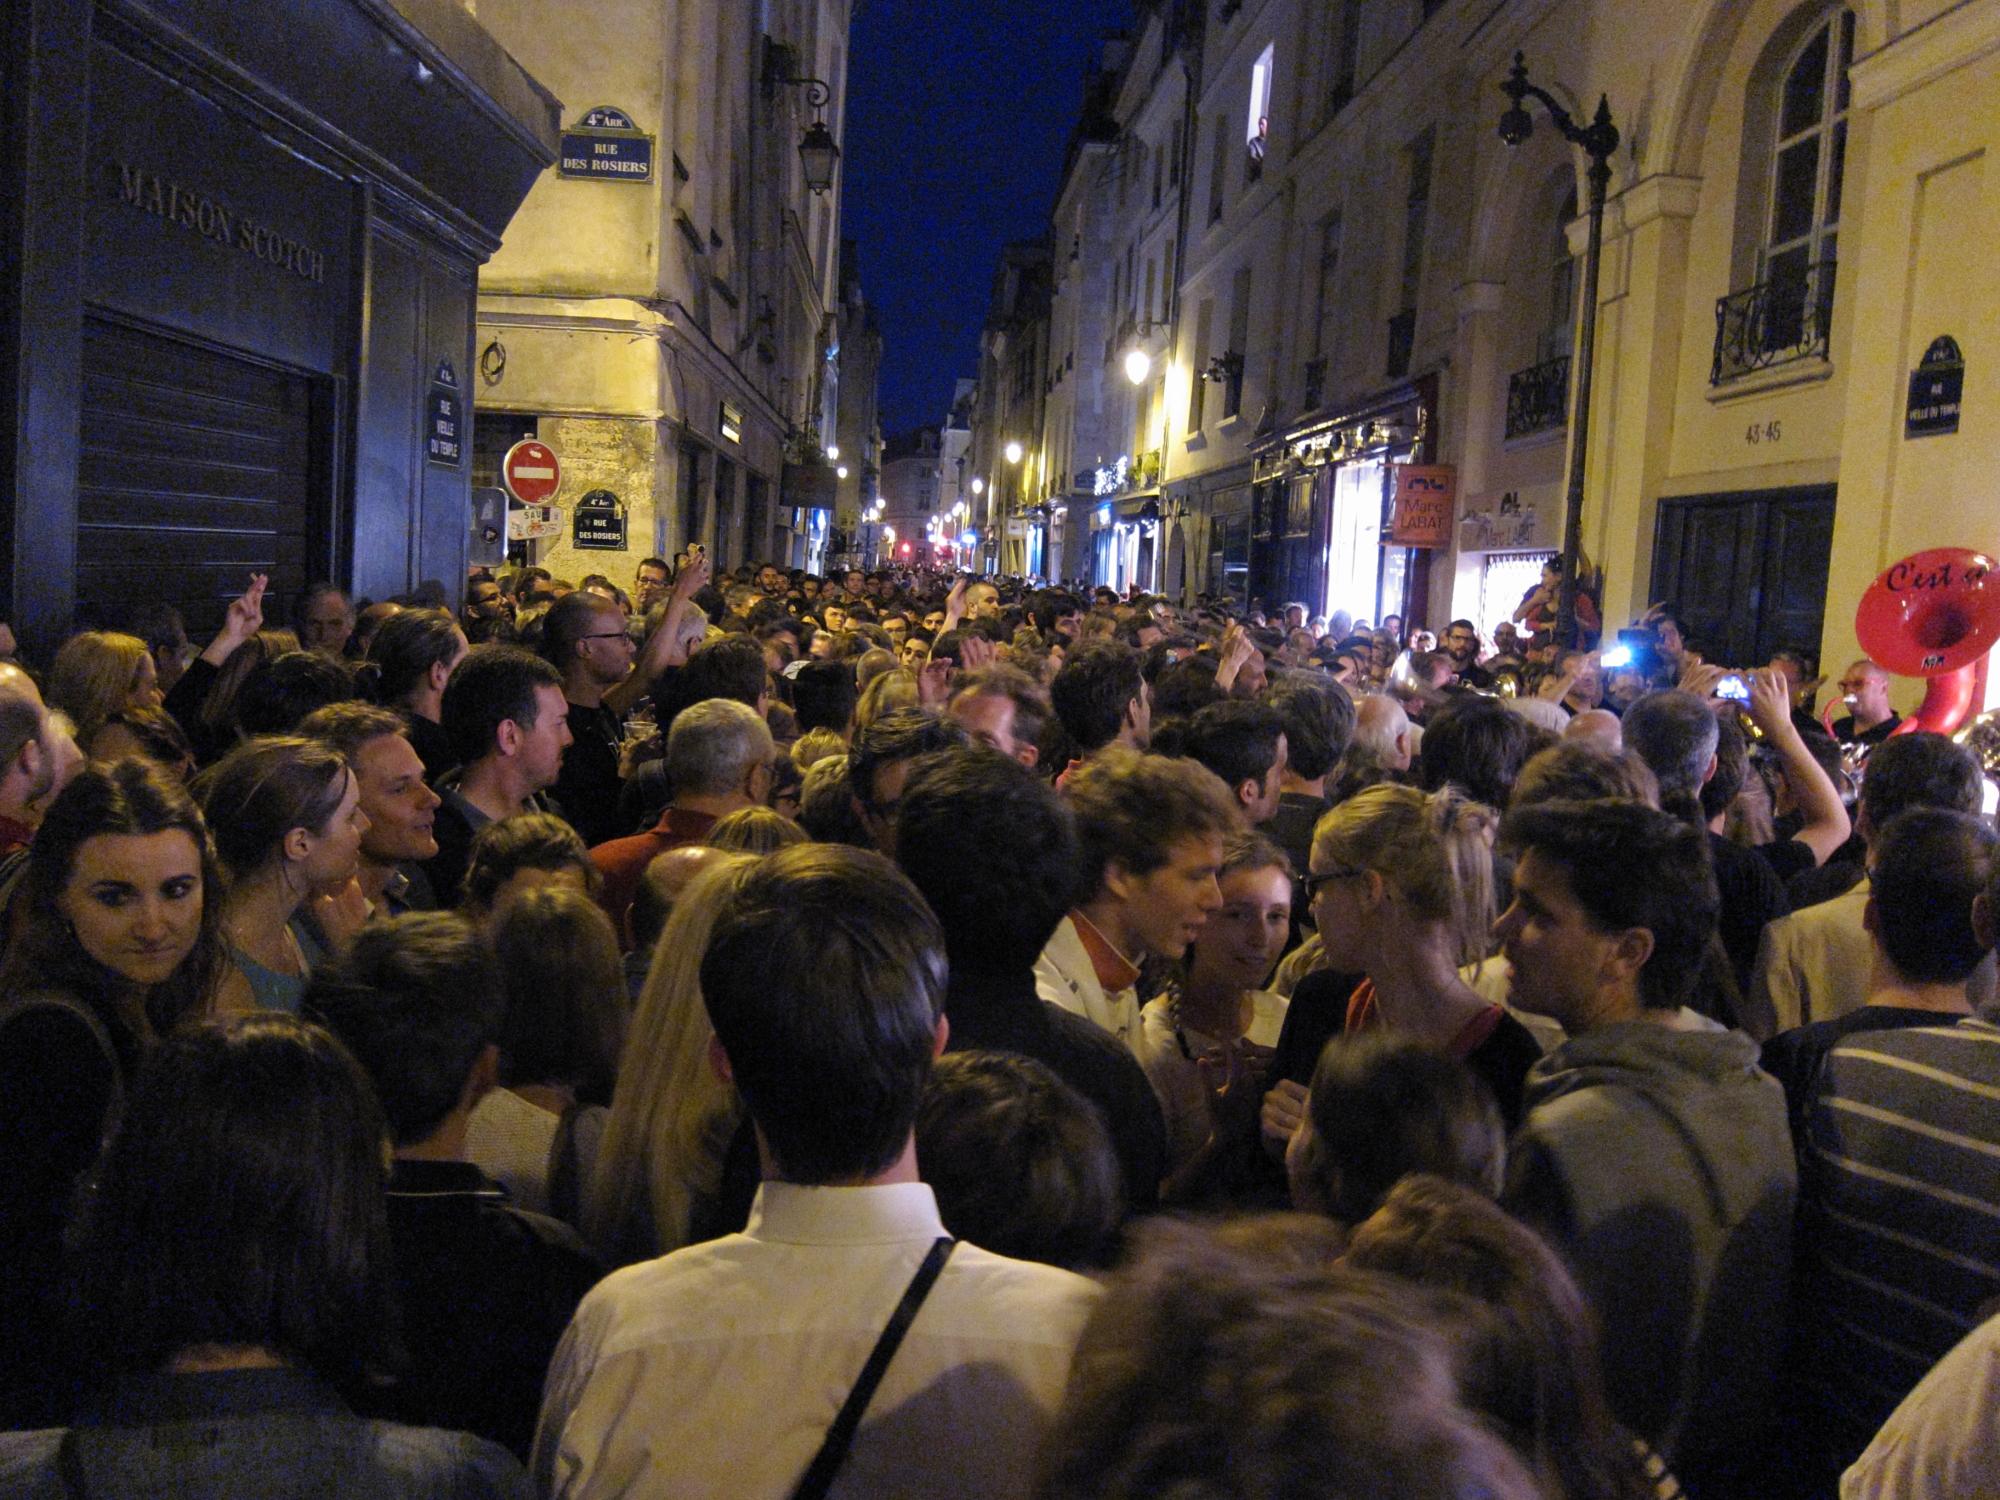 The happy throng on rue Veille du Temple for la Fete de la Musique, June 21, 2014.